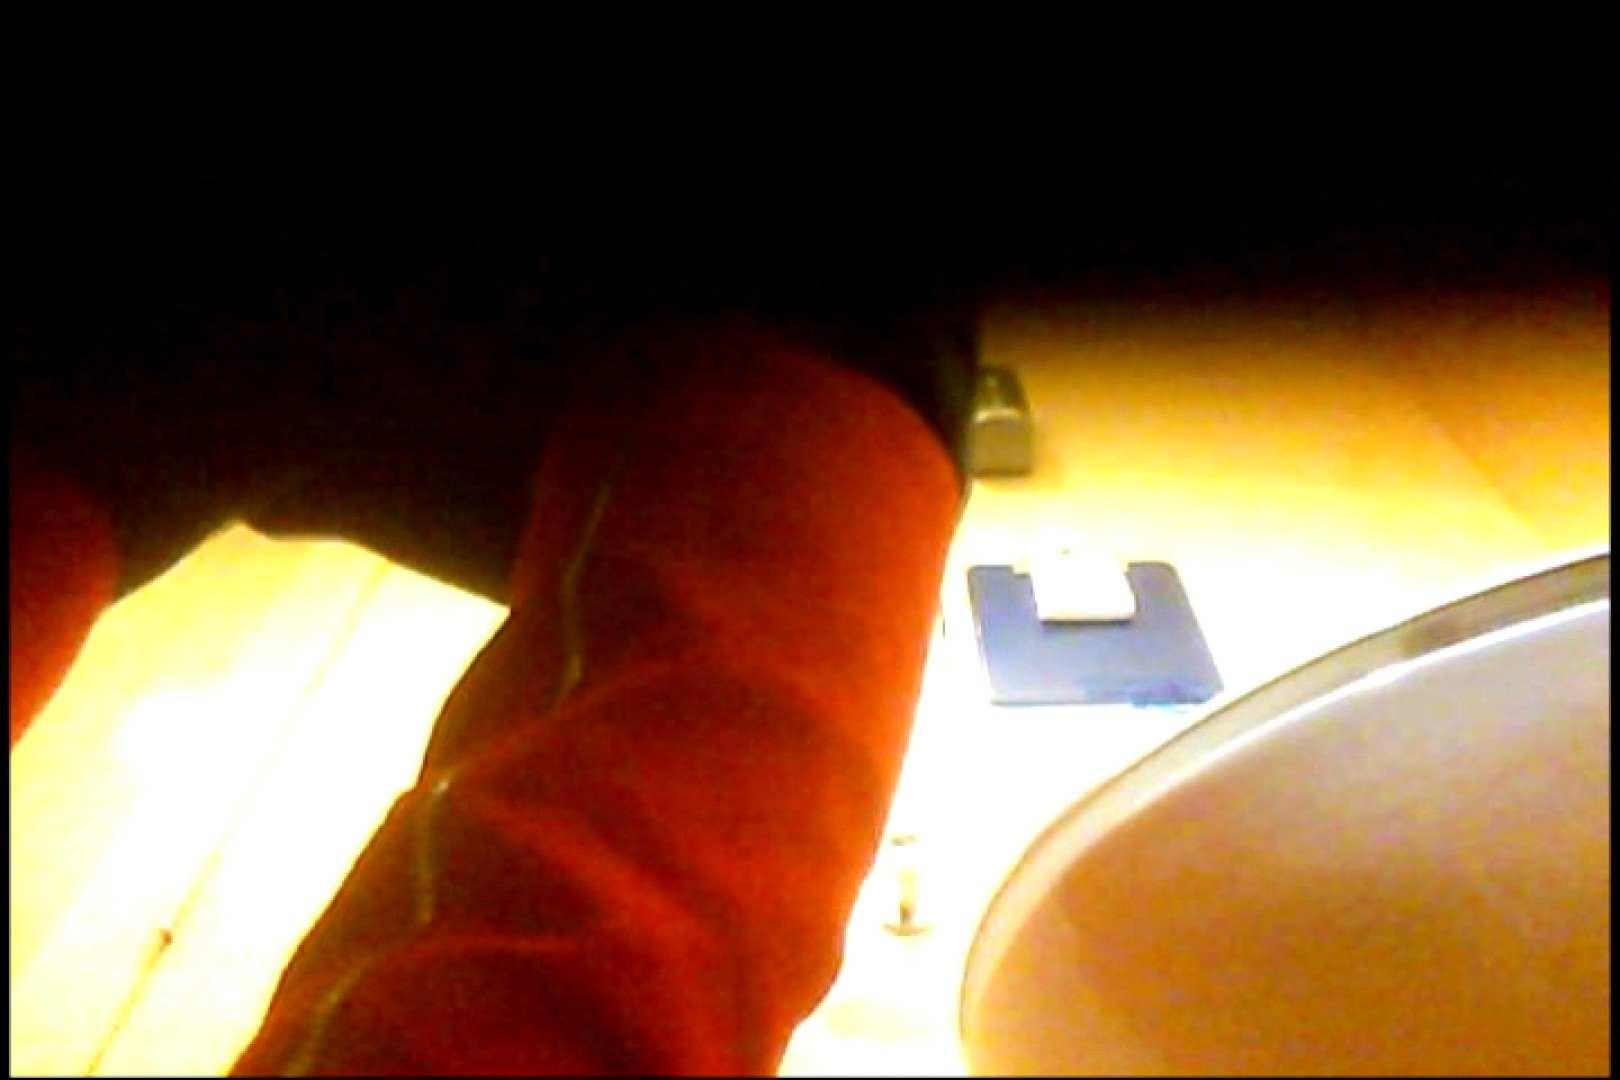 マダムが集まるデパートお手洗い Vol.04 お手洗い オマンコ無修正動画無料 91PIX 29